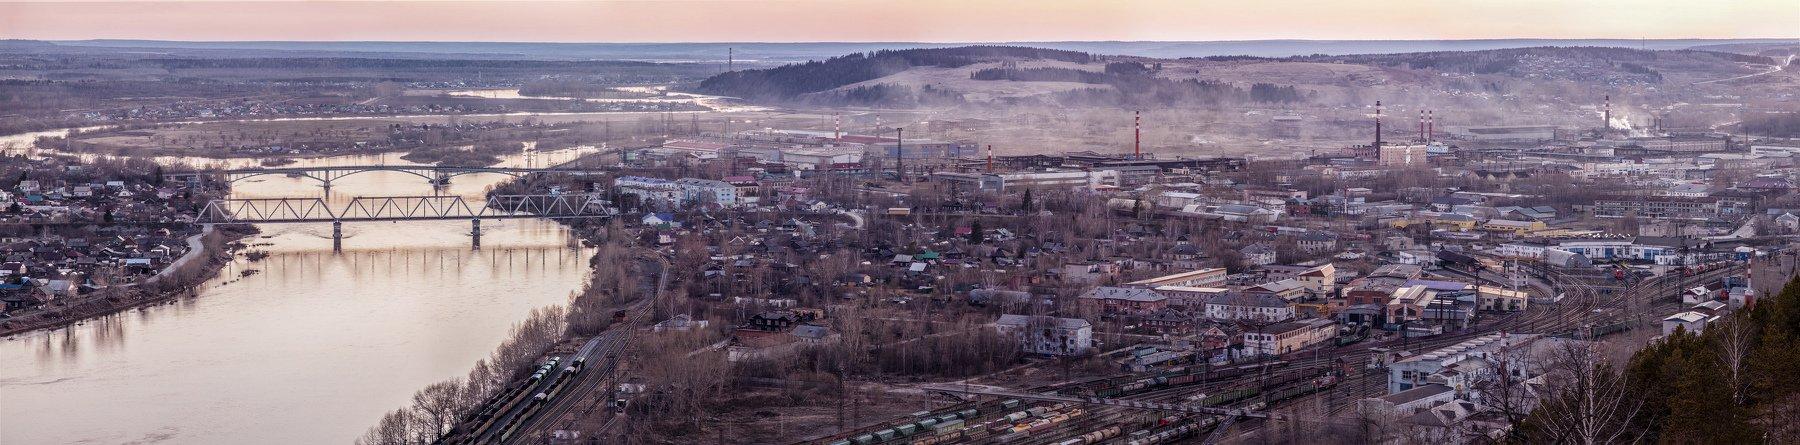 урал, пермский край, город чусовой, река чусовая, Андрей Козлов